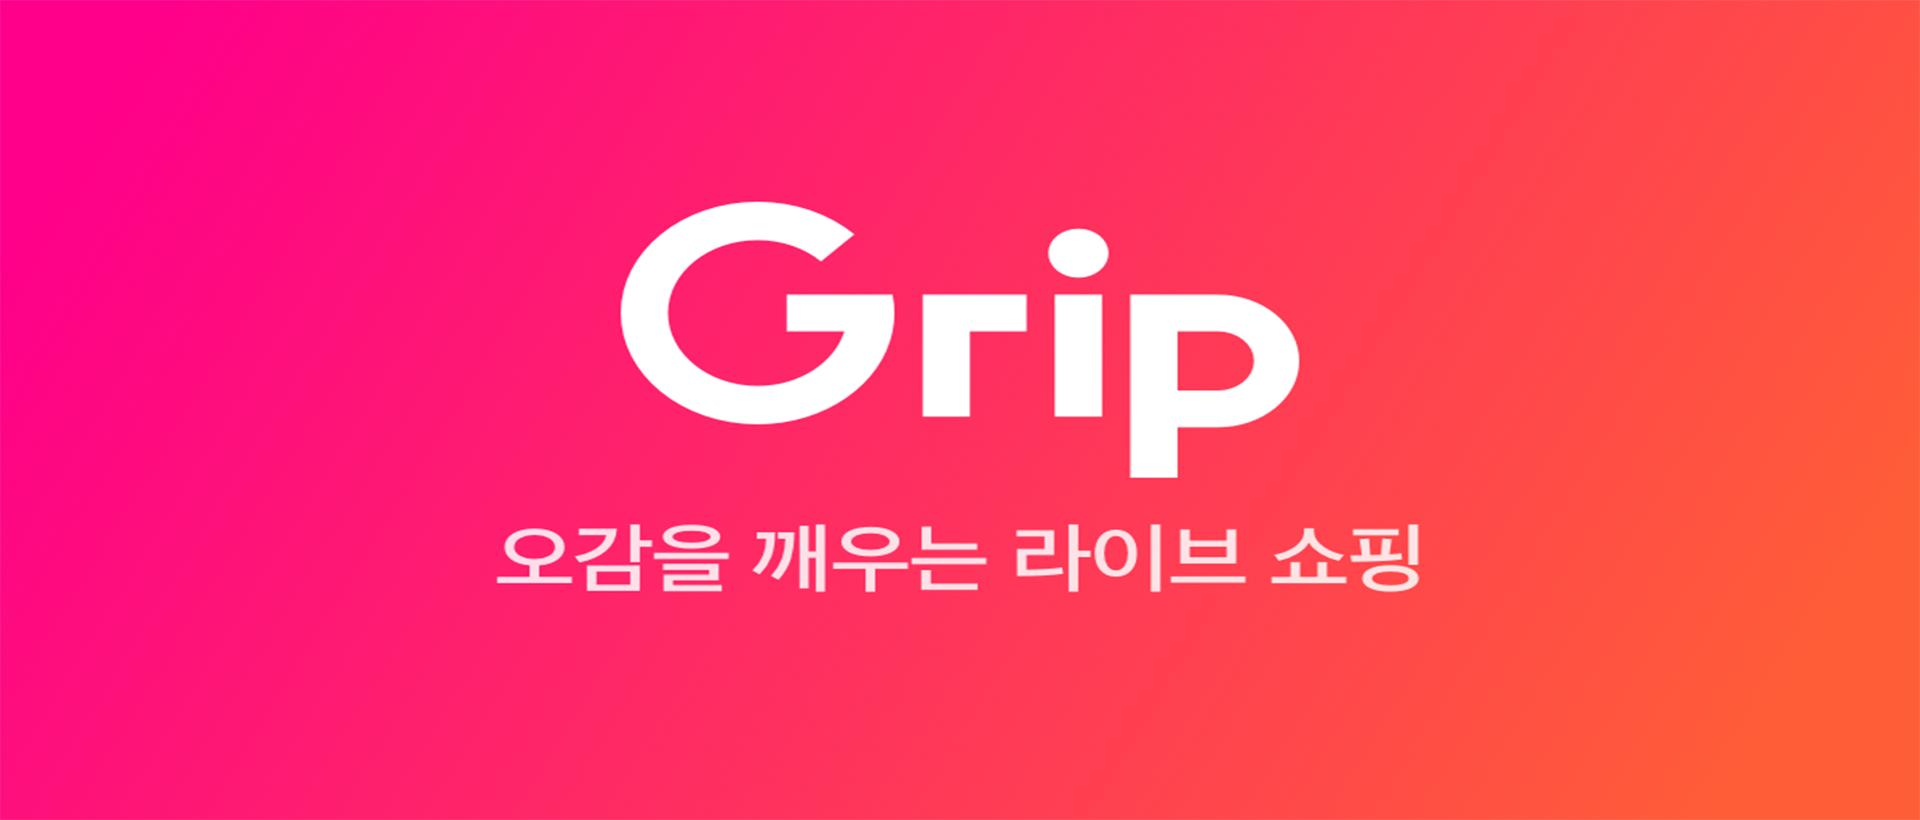 그립(GRIP) - 라이브 쇼핑